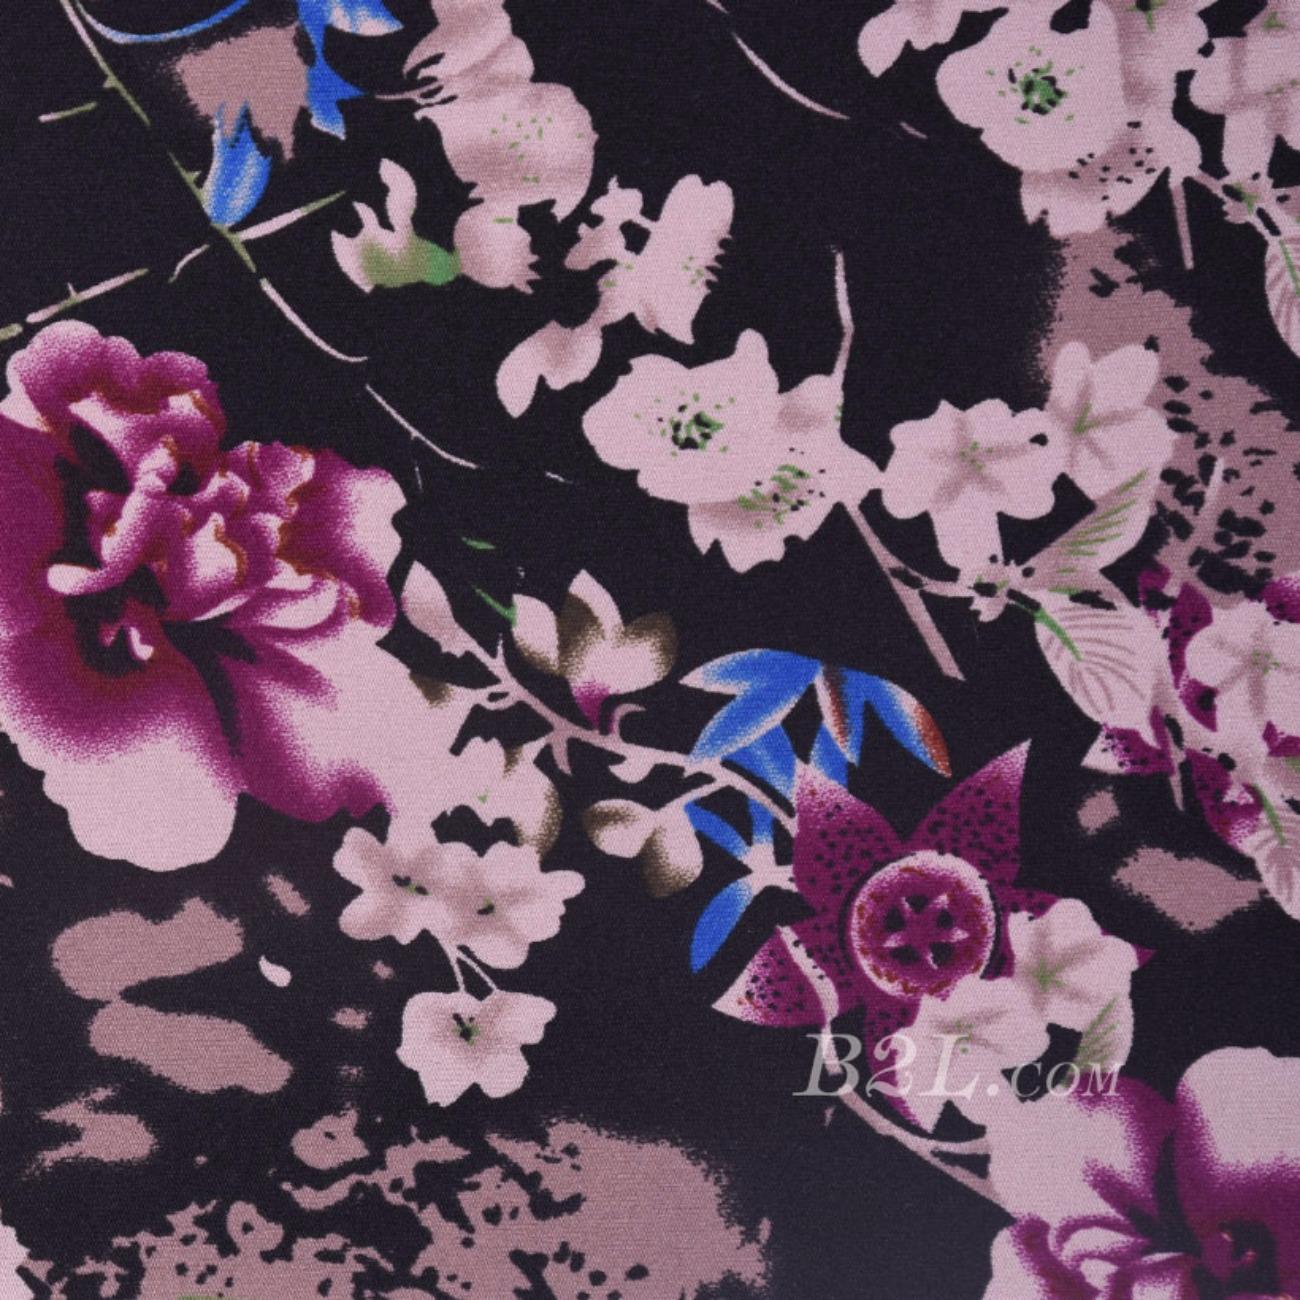 现货花朵印花针织  T恤  针织衫 连衣裙  妈妈装四面弹 柔软 圆机 纬编 单面60314-3